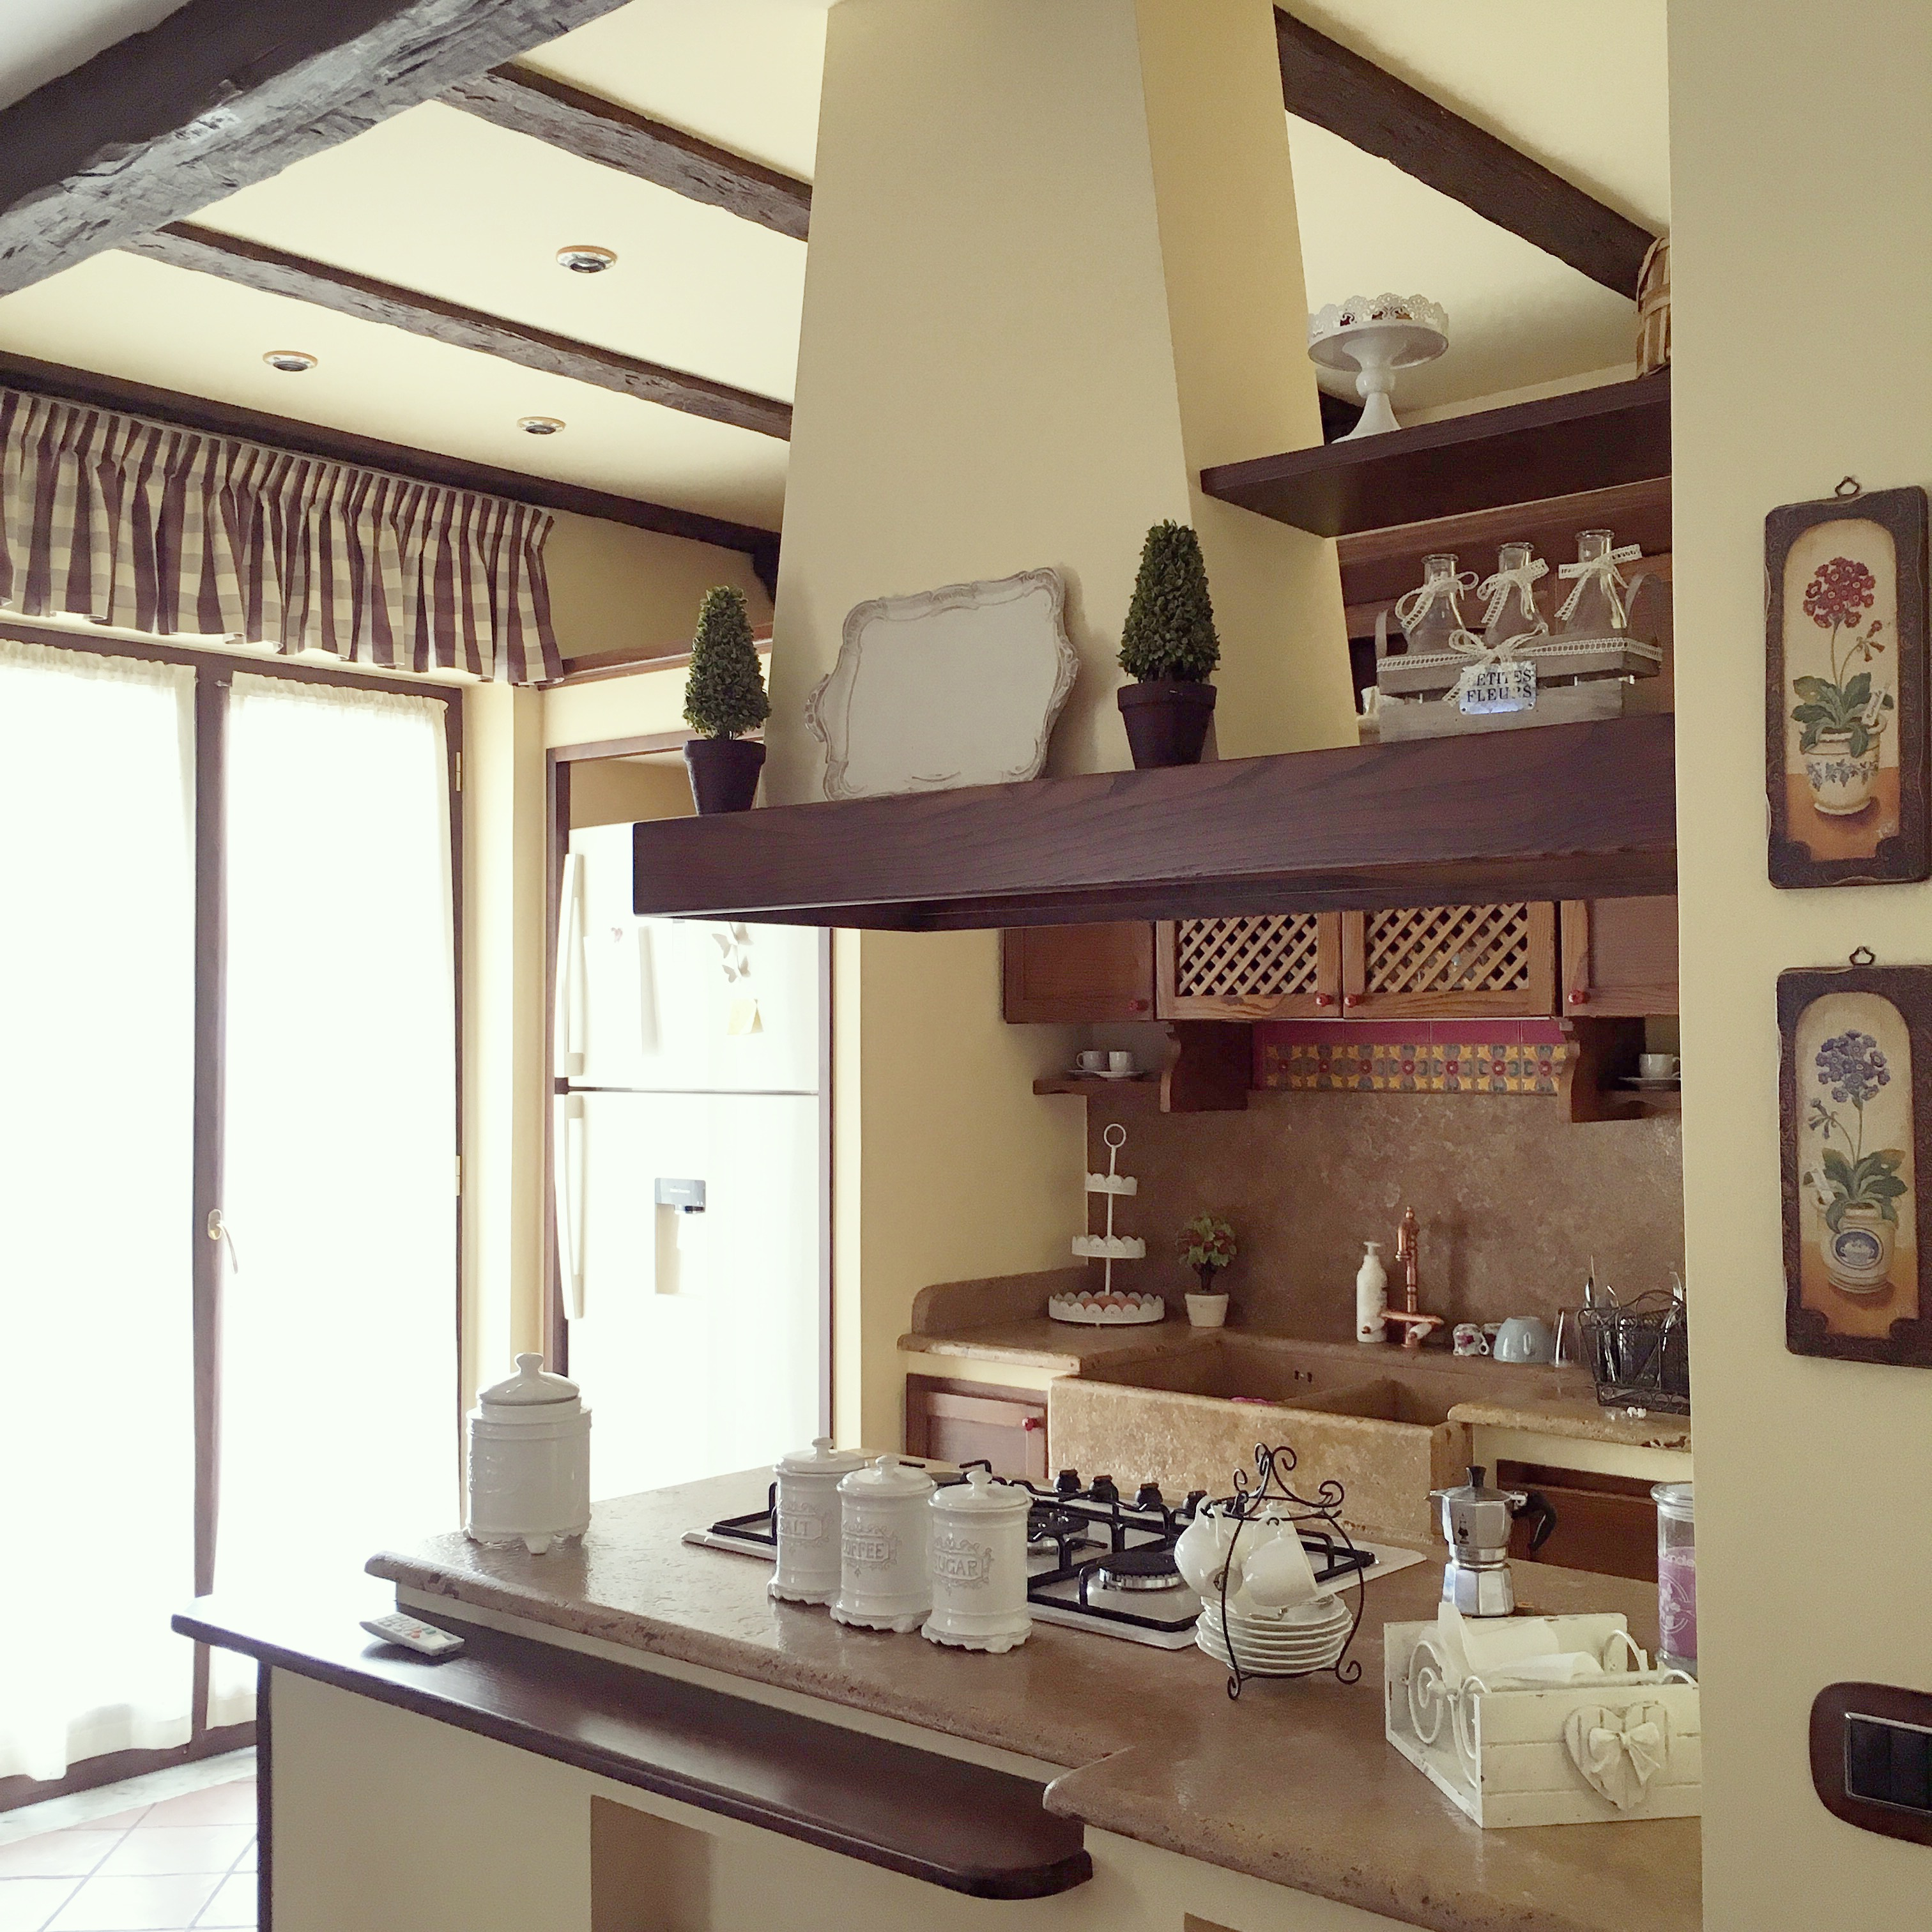 La mia casa tra stile rustico e provenzale the womoms for Arredo casa mia